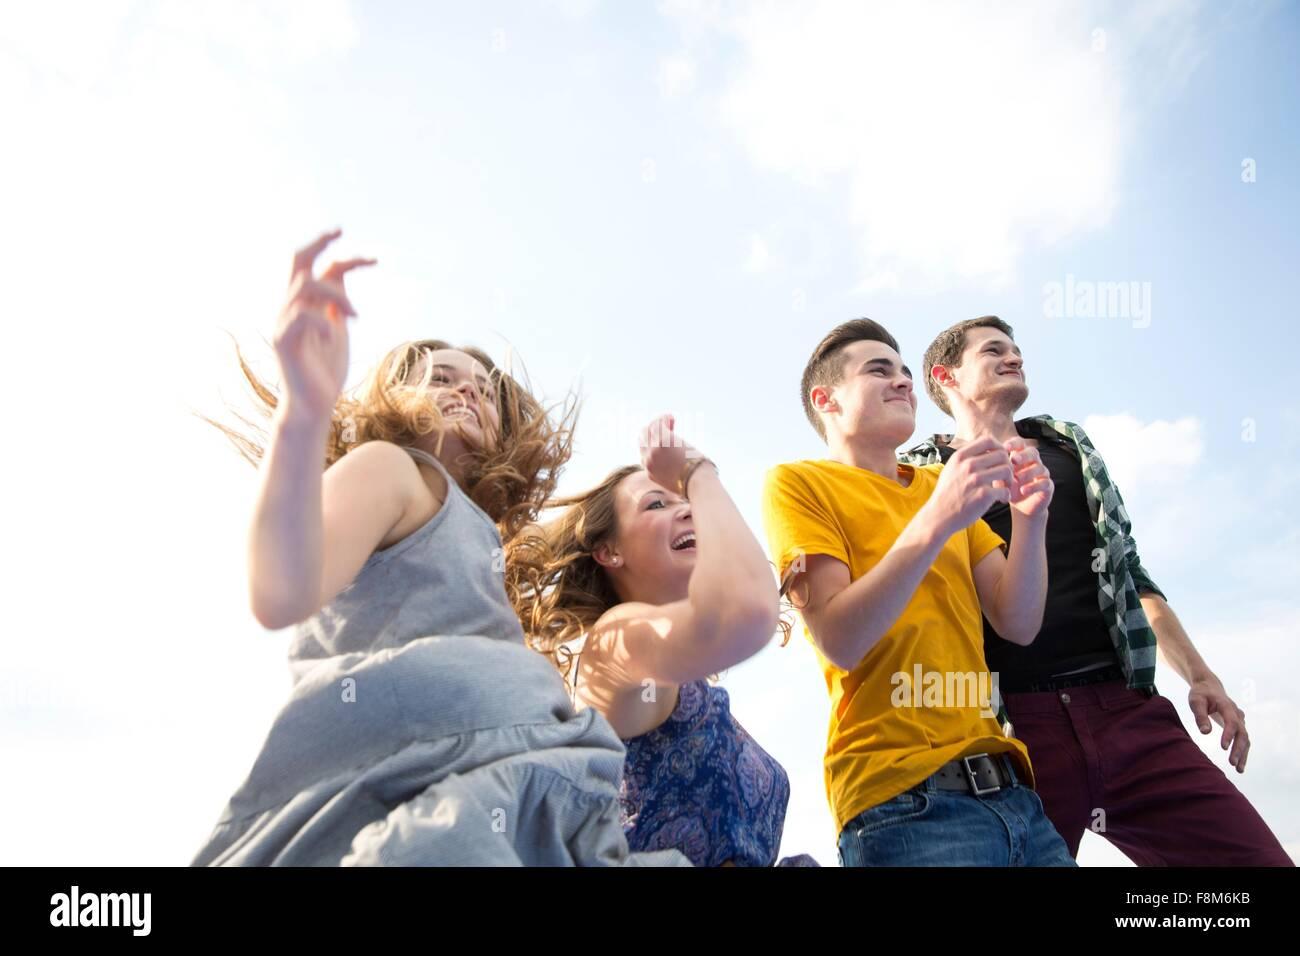 Un gruppo di giovani adulti, esecuzione, esterni a basso angolo di visione Immagini Stock